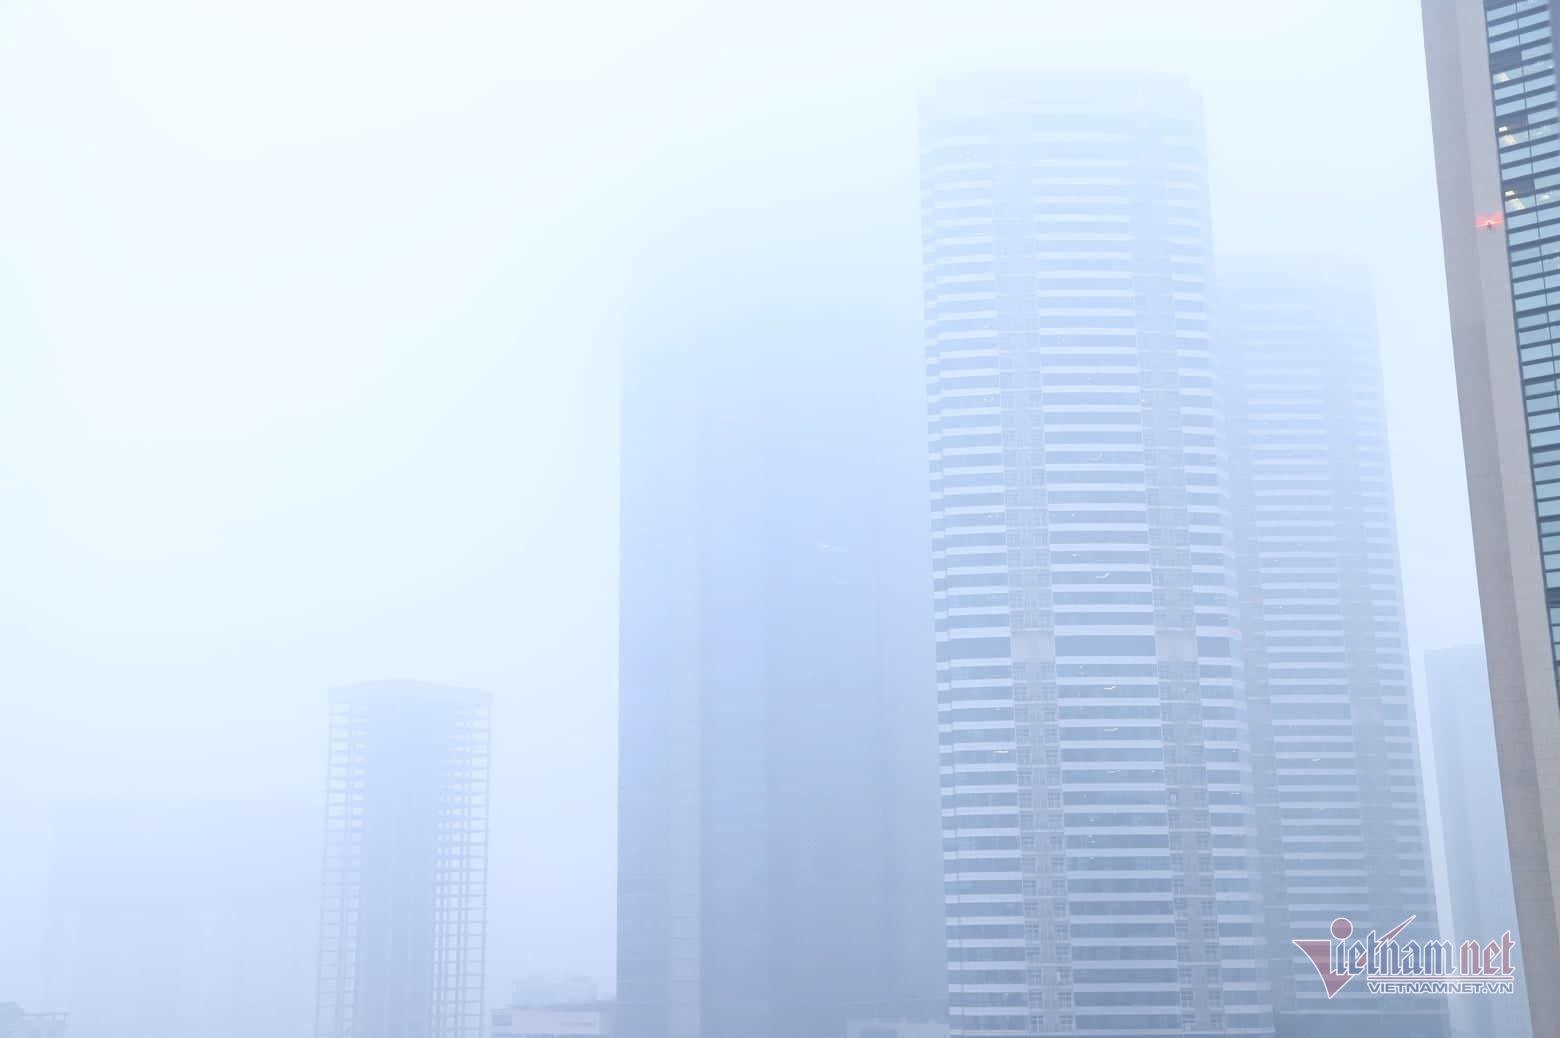 Sương mù giăng phủ Hà Nội, cao ốc mất hút Ảnh 4